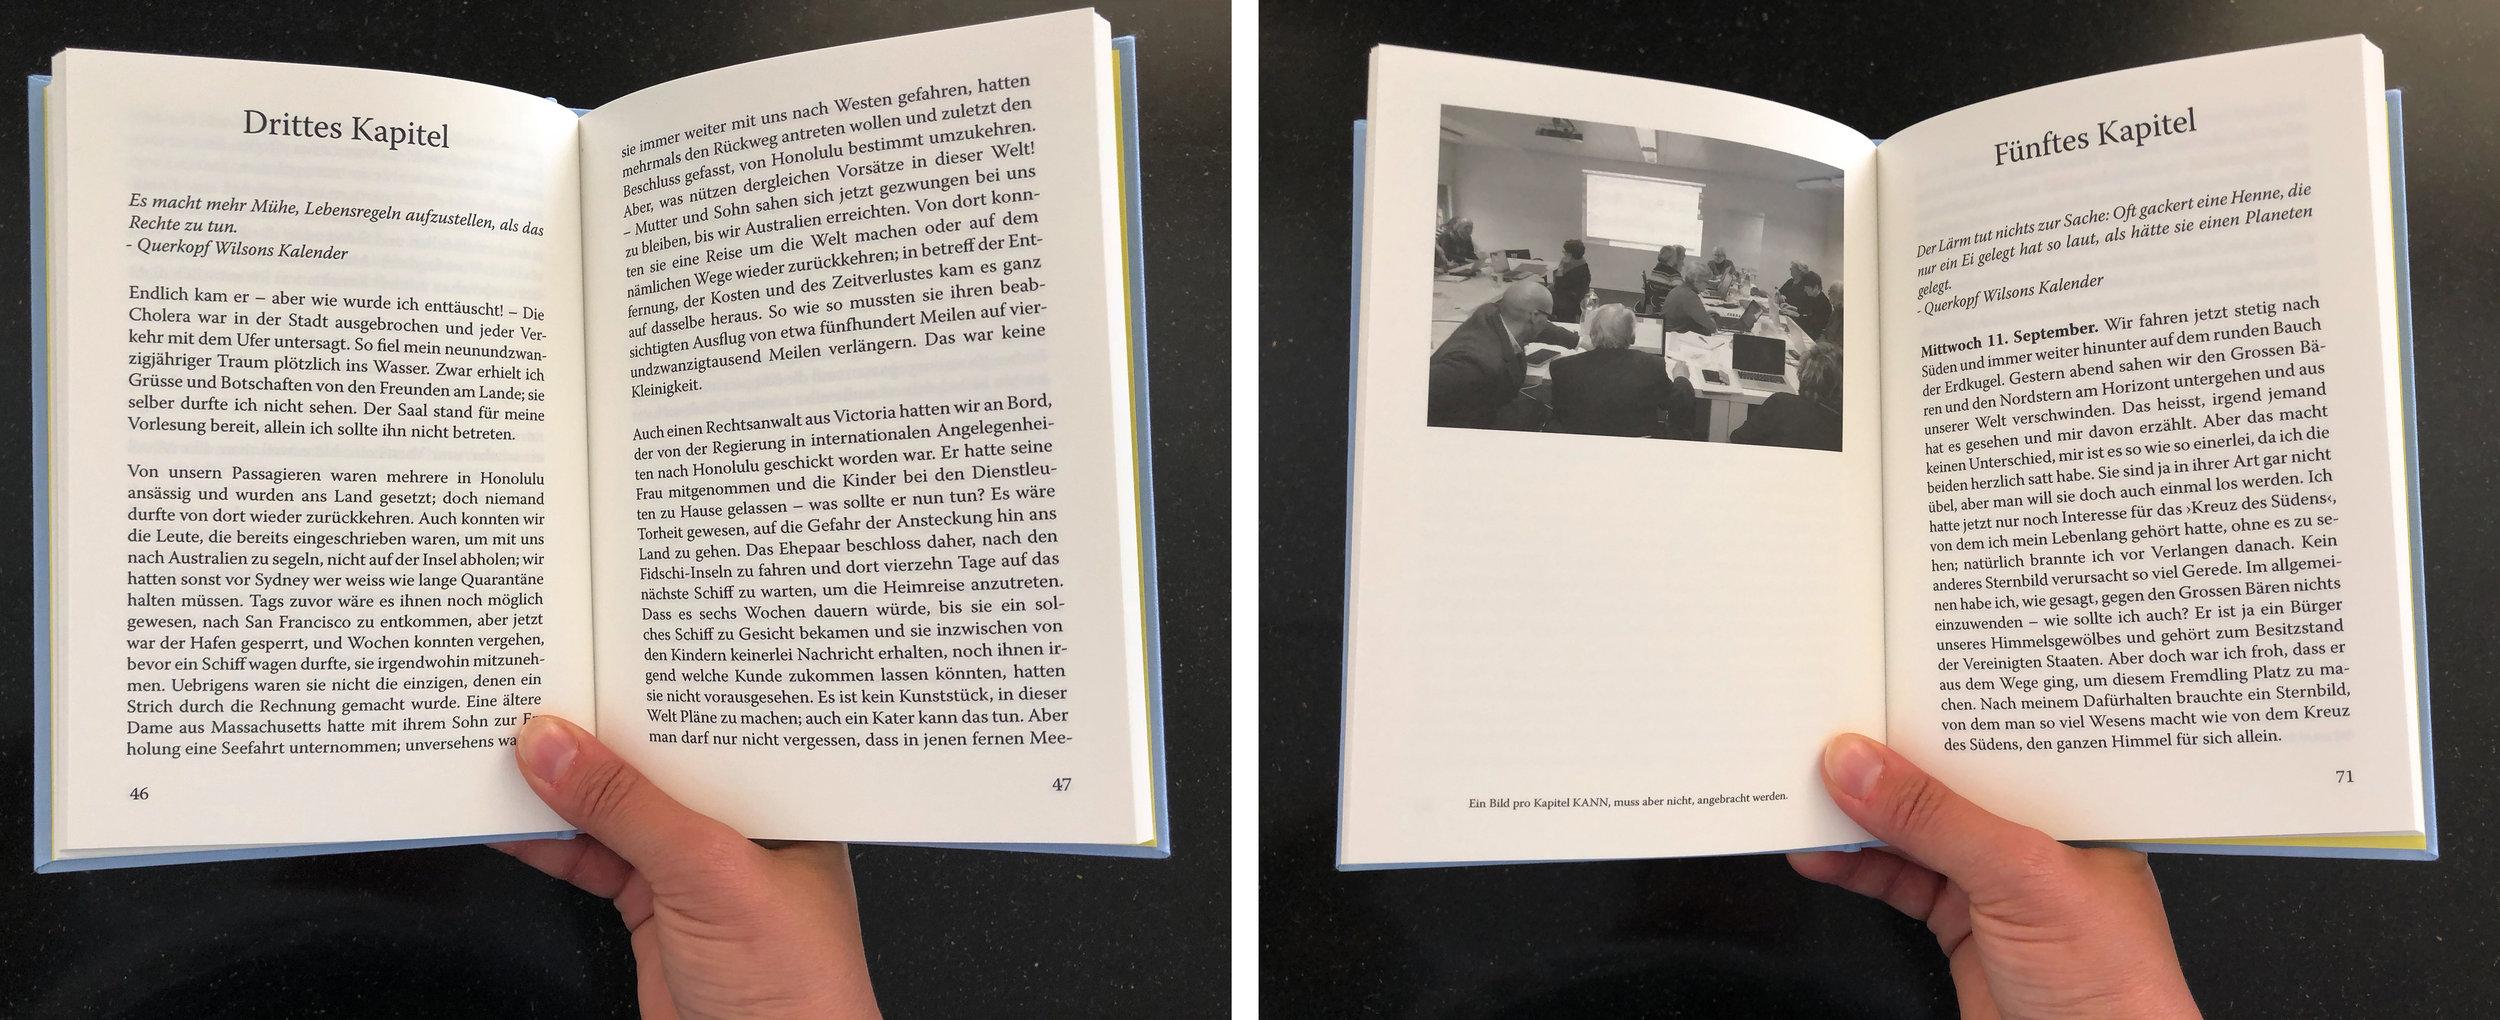 08 Inhalt_Bild und Kapitel 2.jpg